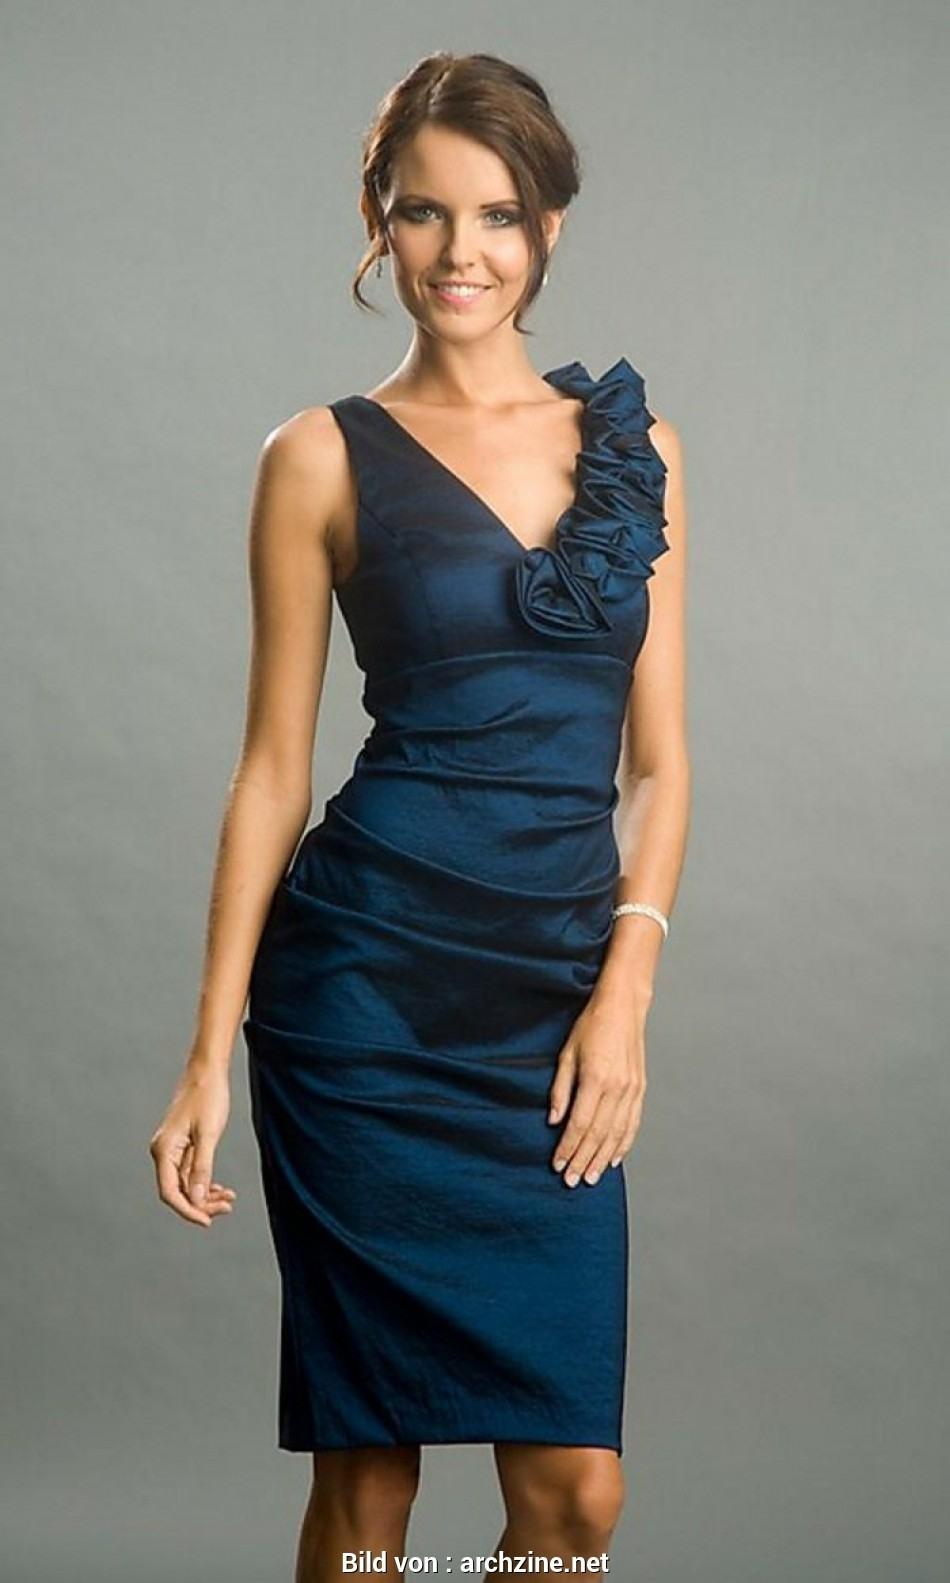 15 Spektakulär Elegante Abendkleider Kurz für 201920 Erstaunlich Elegante Abendkleider Kurz Stylish